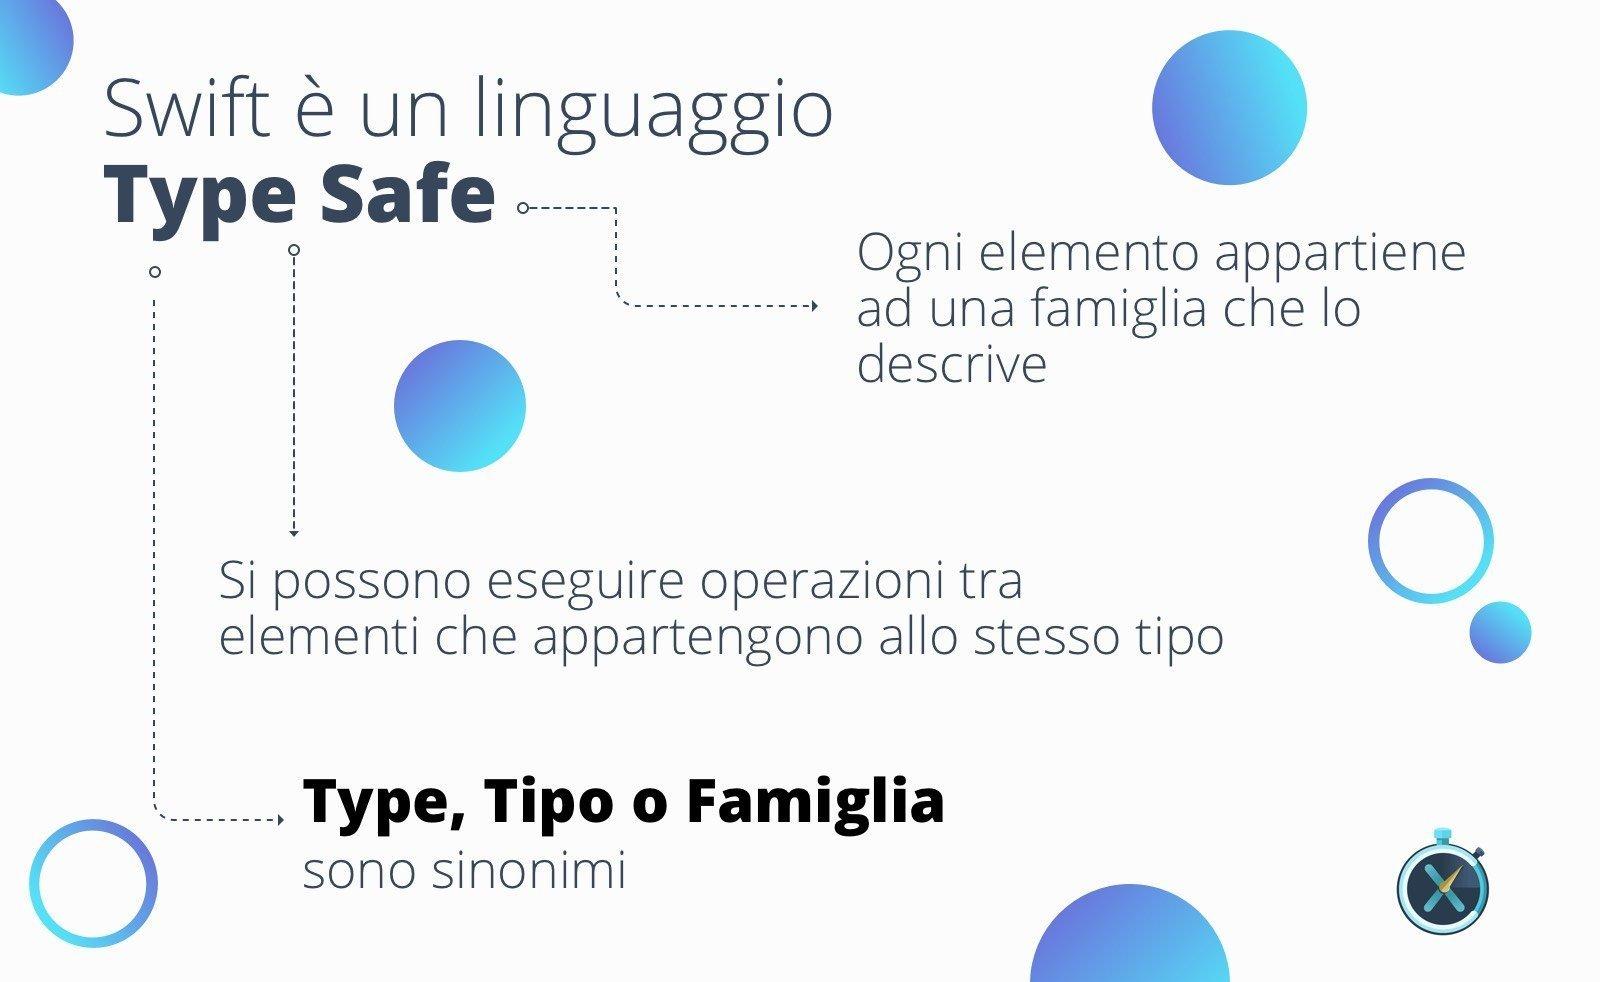 Il linguaggio Swift è Type Safe Slide corso linguaggio swift